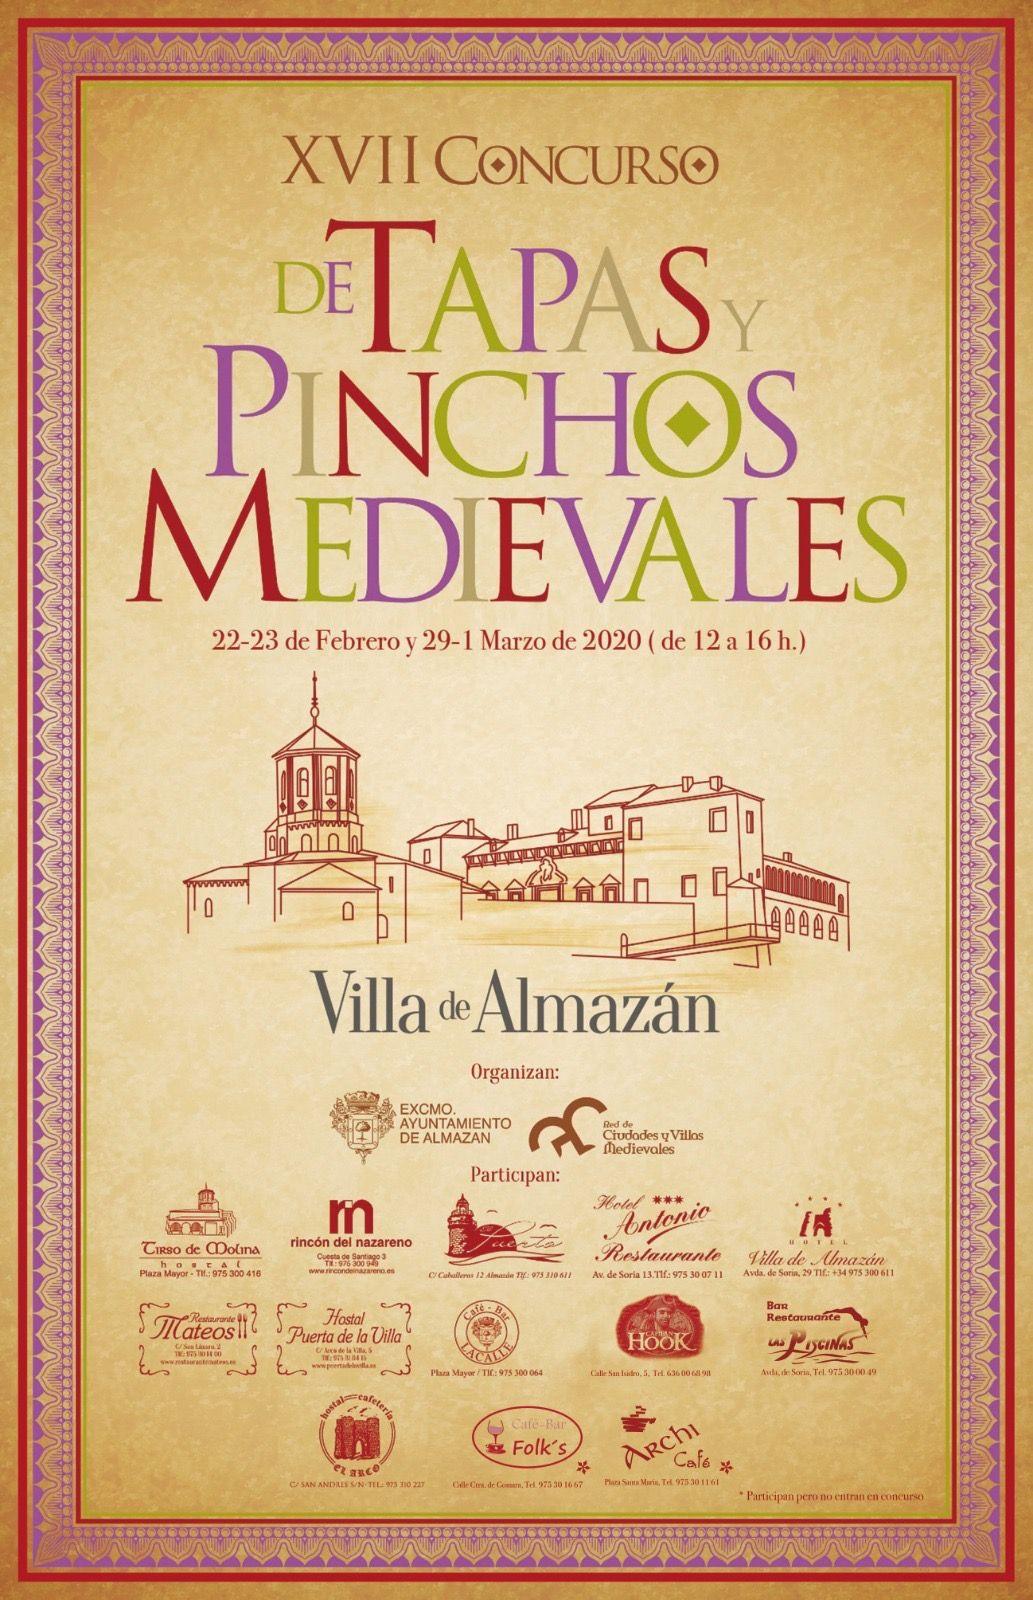 Fotografia Cartel XVII Concurso de tapas y pinchos medievales